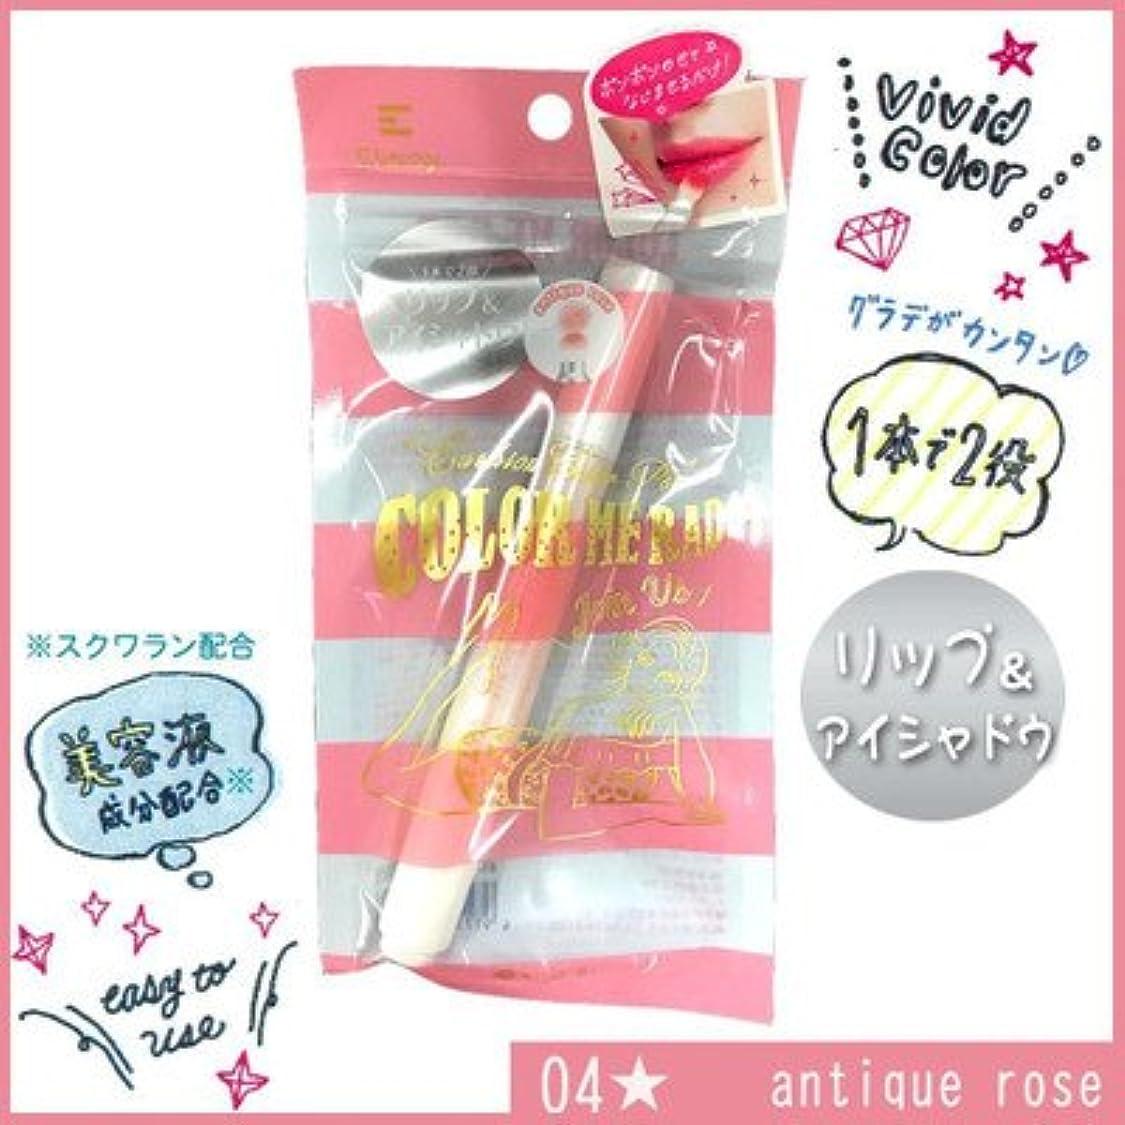 悲観主義者直感蛾クッションチップでグラデも簡単 COLOR ME RAD クッションカラーぺン 04 リップカラー antique rose EL74250